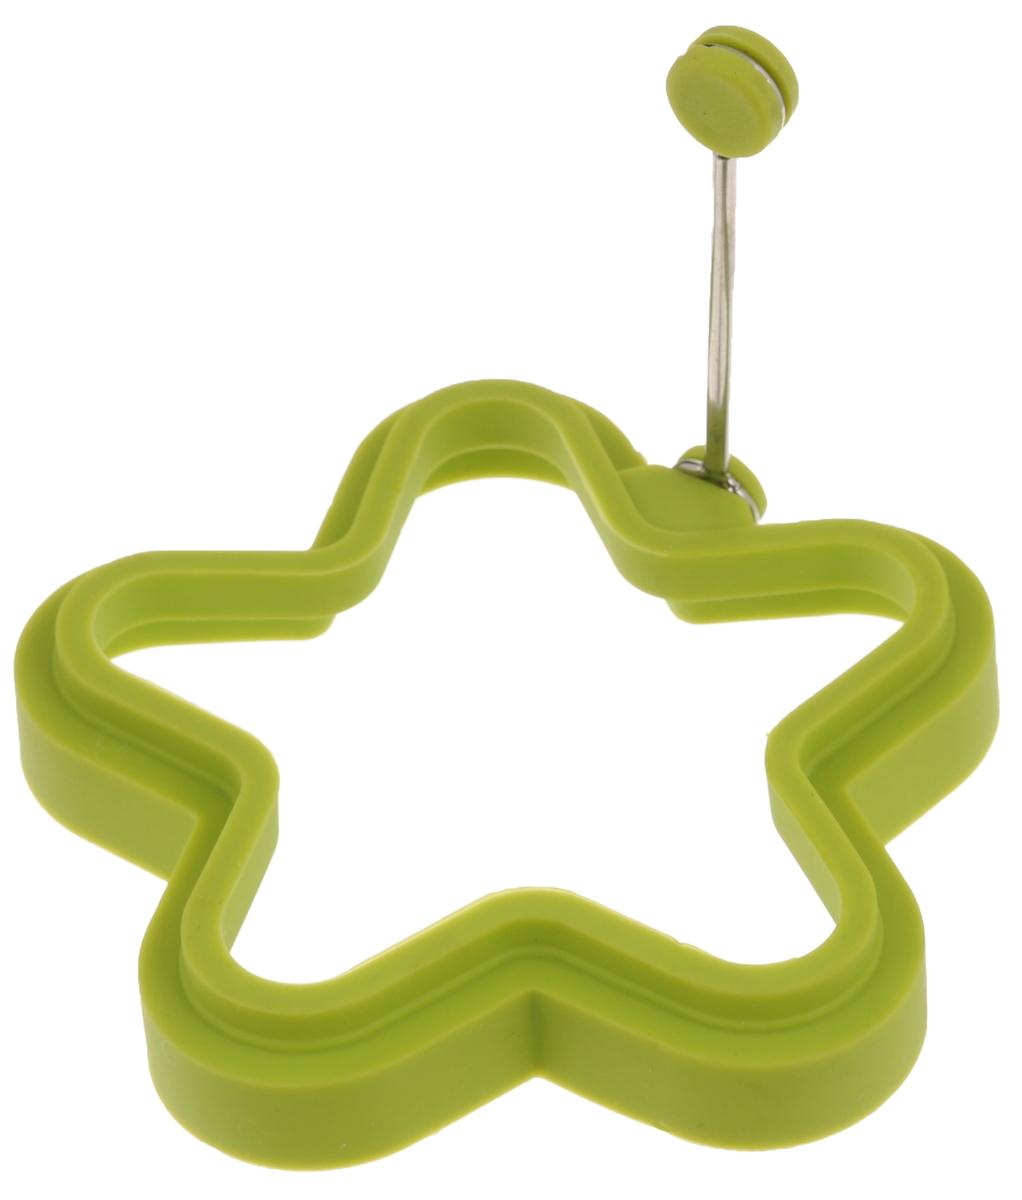 Форма для яичницы Mayer & Boch Звезда, цвет: зеленый24191_зеленыйФорма Mayer & Boch Звезда изготовлена из силикона. Она предназначена для приготовления яичницы, выпекания блинов необычной формы и других блюд. Необходимо просто залить приготавливаемую массу внутрь формочки, расположенной на сковородке, и подождать, пока блюдо не дойдет до нужной кондиции. Благодаря такой формочке, вы привнесете немного оригинальности и разнообразия в свой повседневный завтрак.Можно мыть в посудомоечной машине.Размер: 11,5 х 11,5 х 2,2 см.